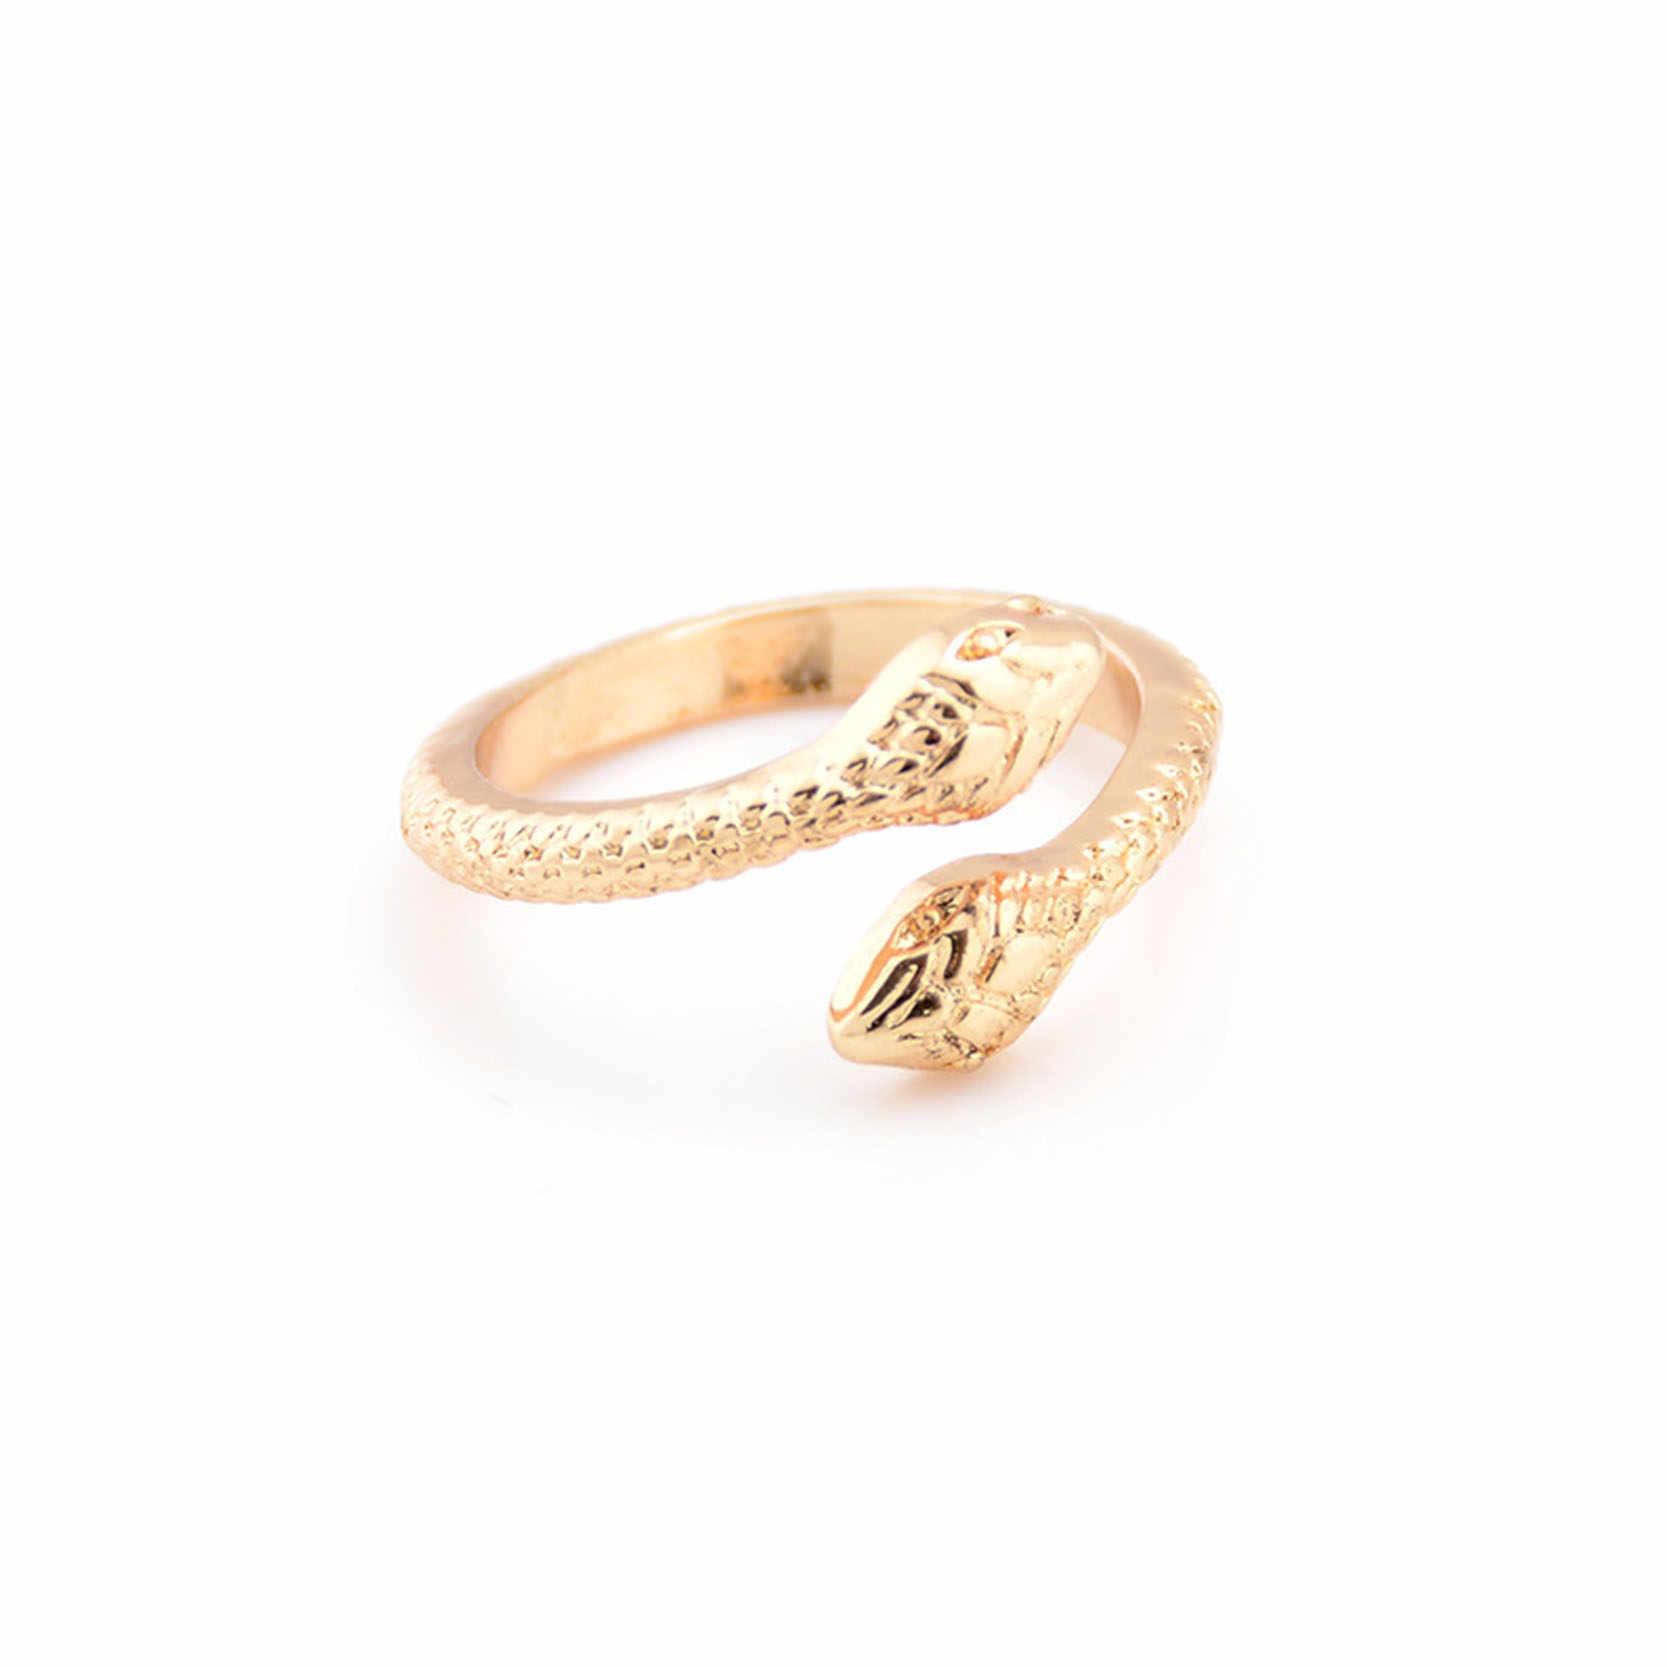 Günstige Mode Schmuck Gold/Silber Farbe mit Schlange Förmigen Ring für Frauen Party